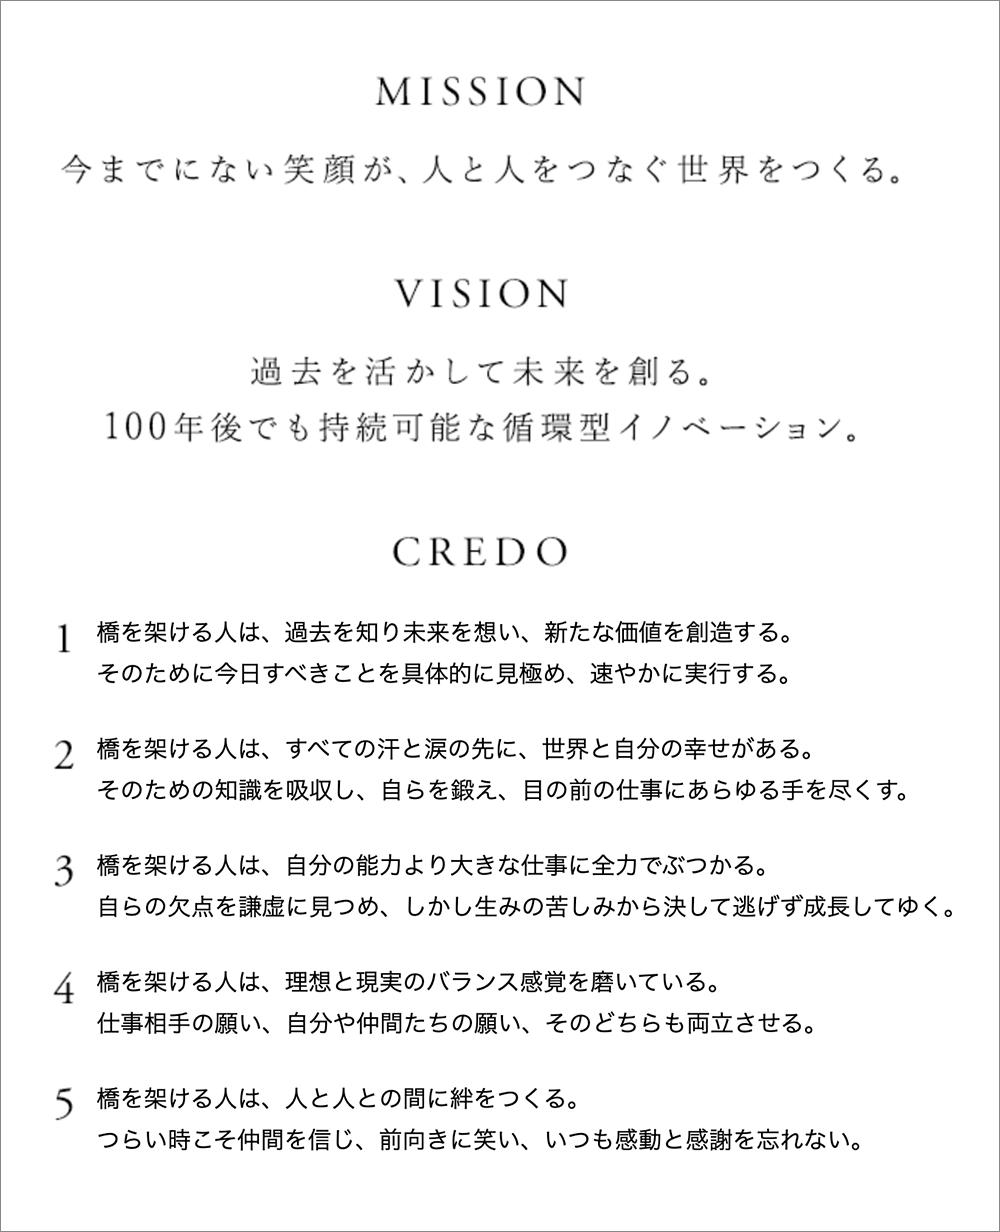 TBMのミッション、ビジョン、クレド